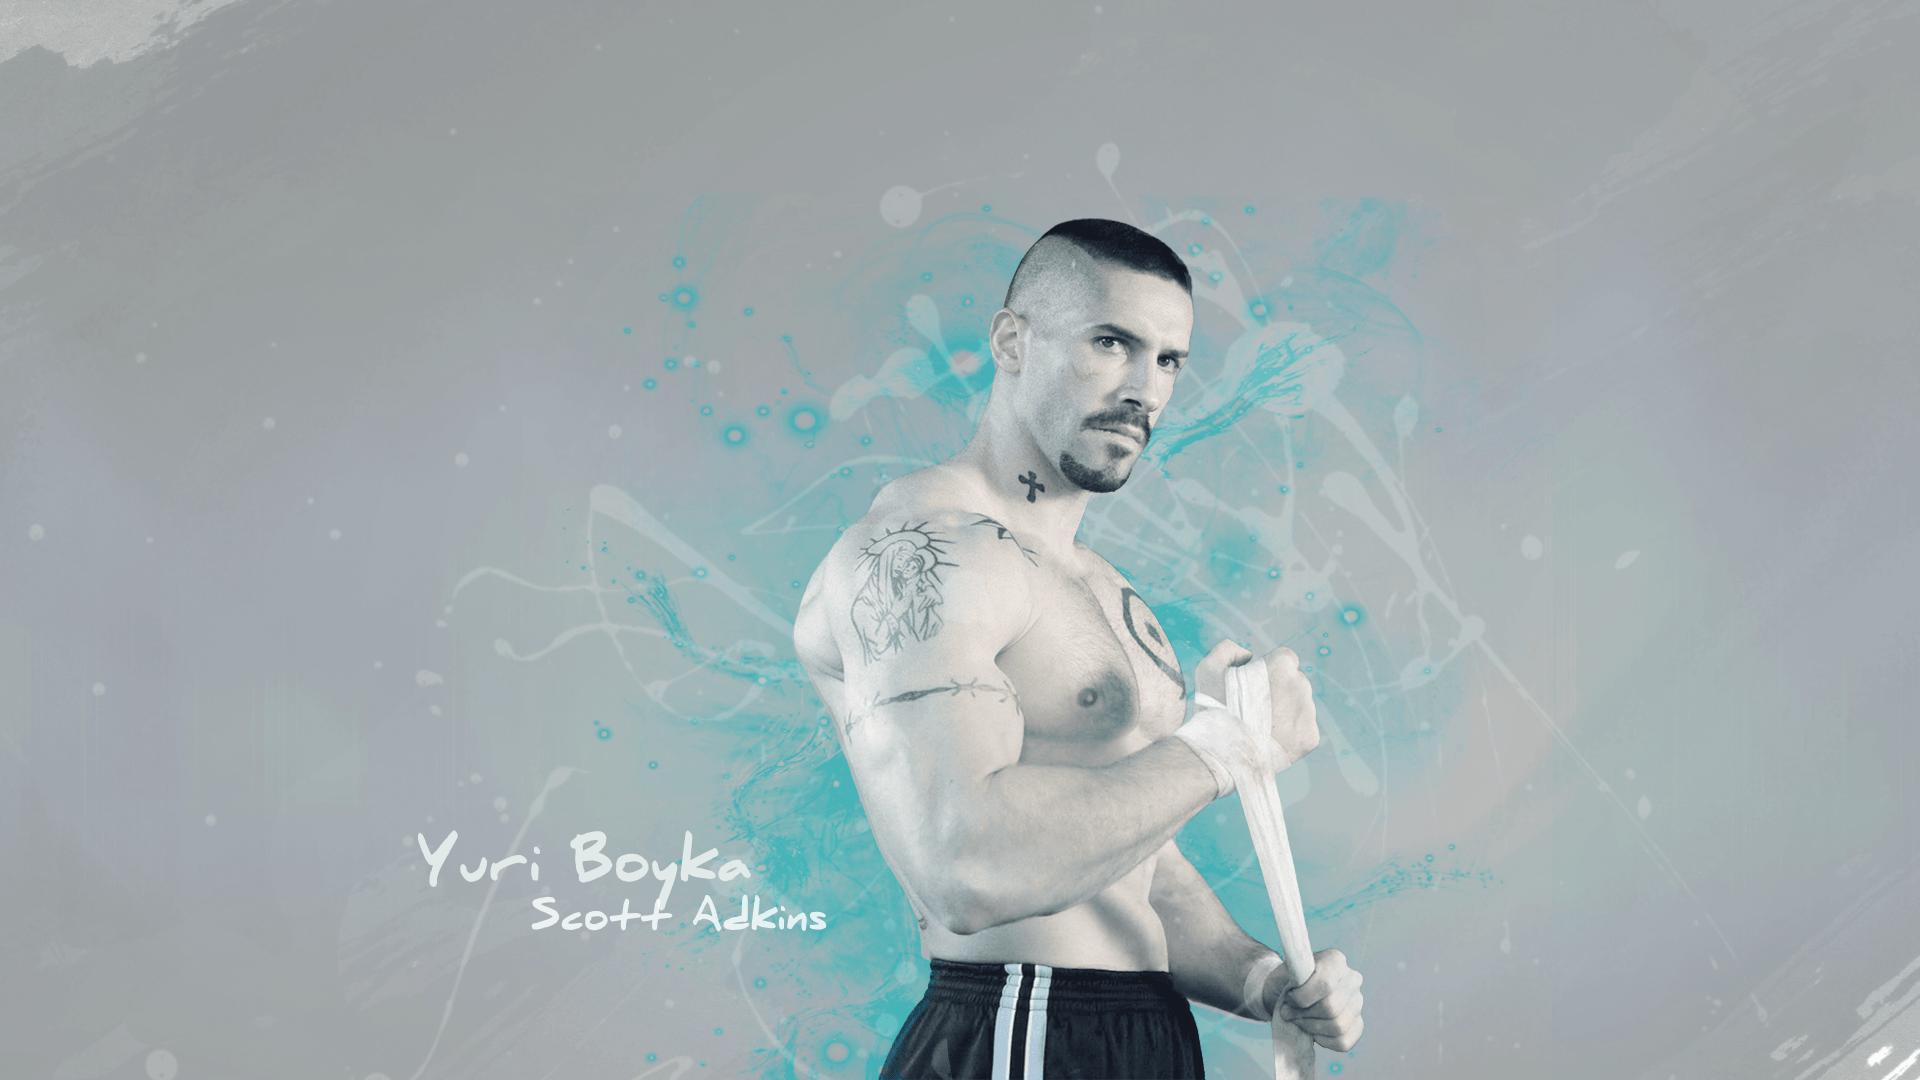 Yuri Boyka (Scott Adkins) by V4jgeLiCA on DeviantArt